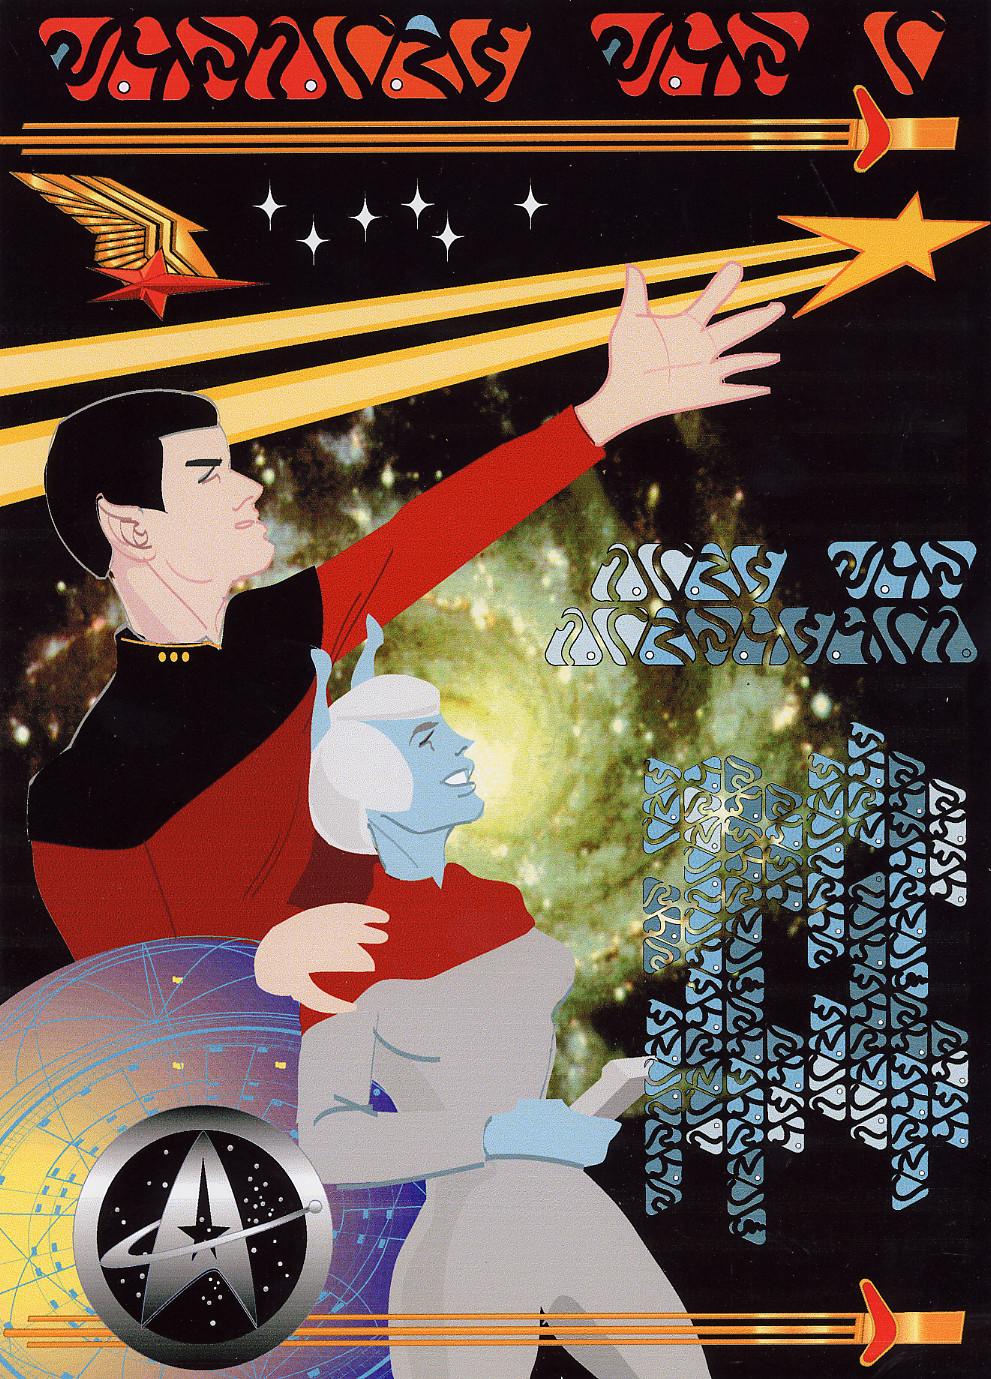 ArtStation - Starfleet Recruiting Poster - Bedroom Dressing